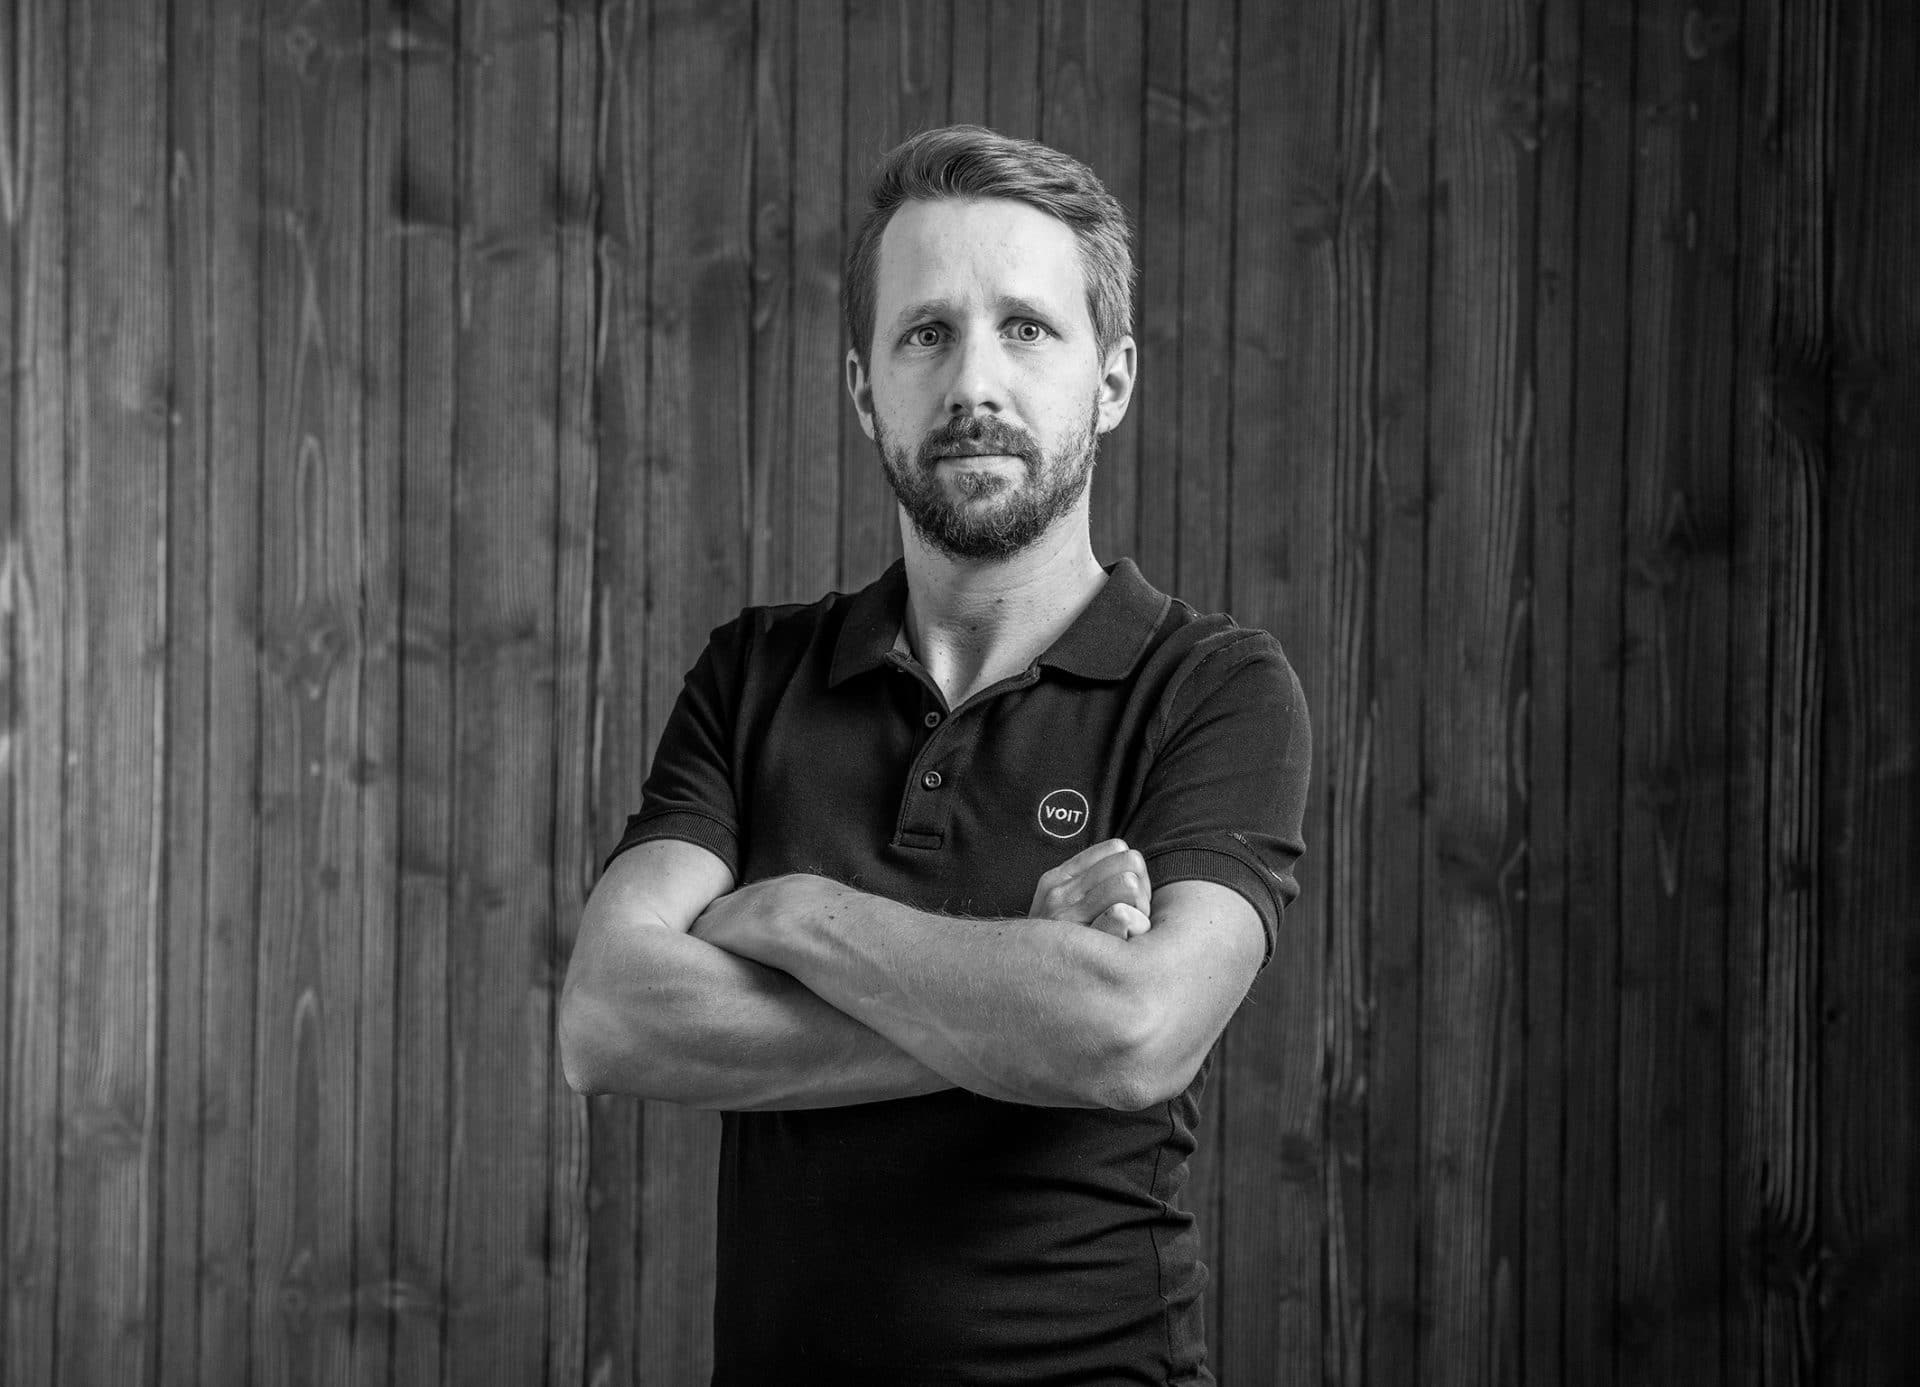 Portrait von Sebastian Voit - Schreinermeister/ Geschäftsführer - Schwarz-weiß Bild